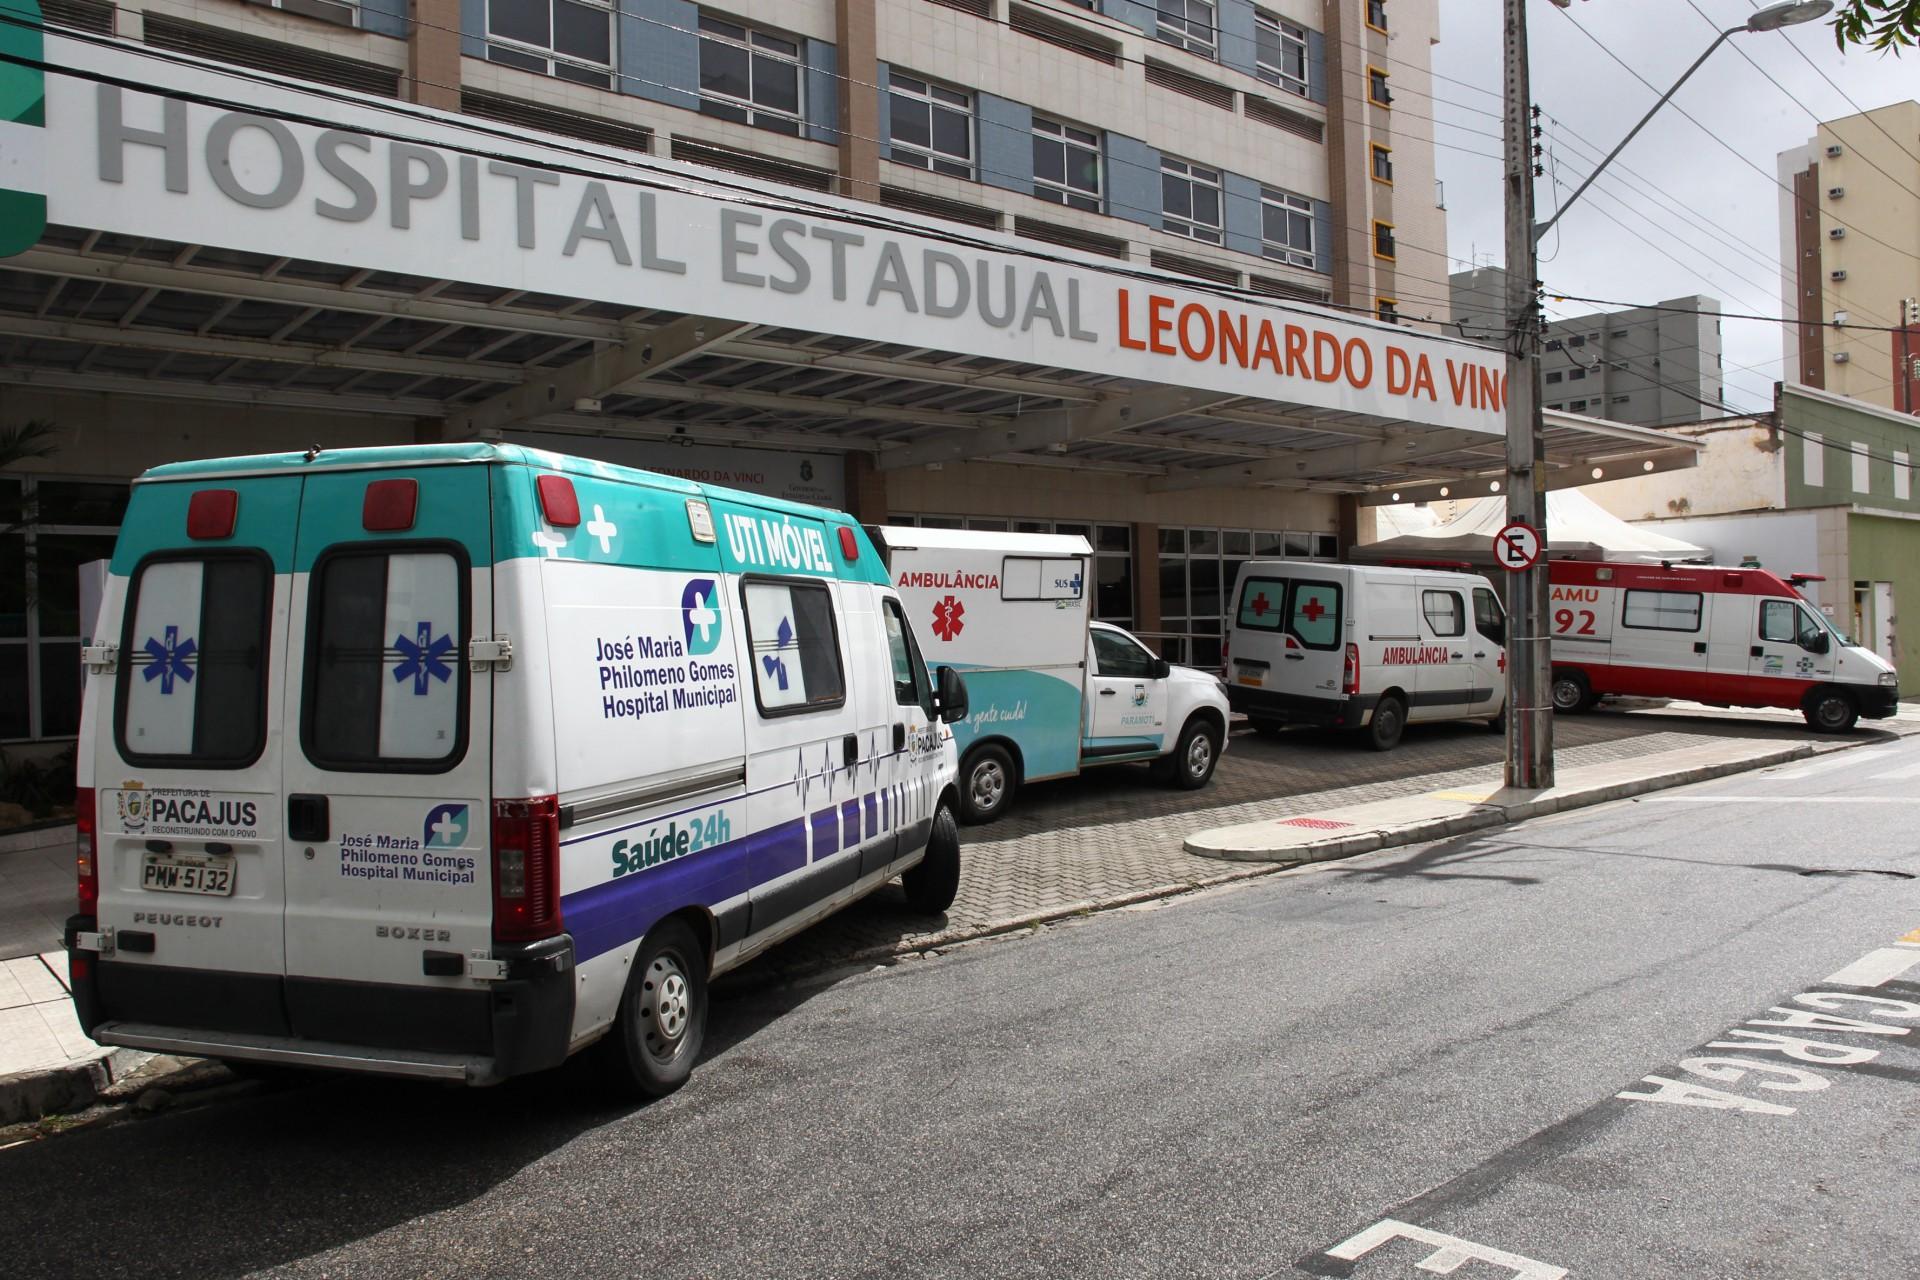 Hospital de referência no tratamento de Covid-19, Leonardo da Vinci recebe intenso fluxo de ambulâncias de Fortaleza e do Interior (Foto: FÁBIO LIMA)